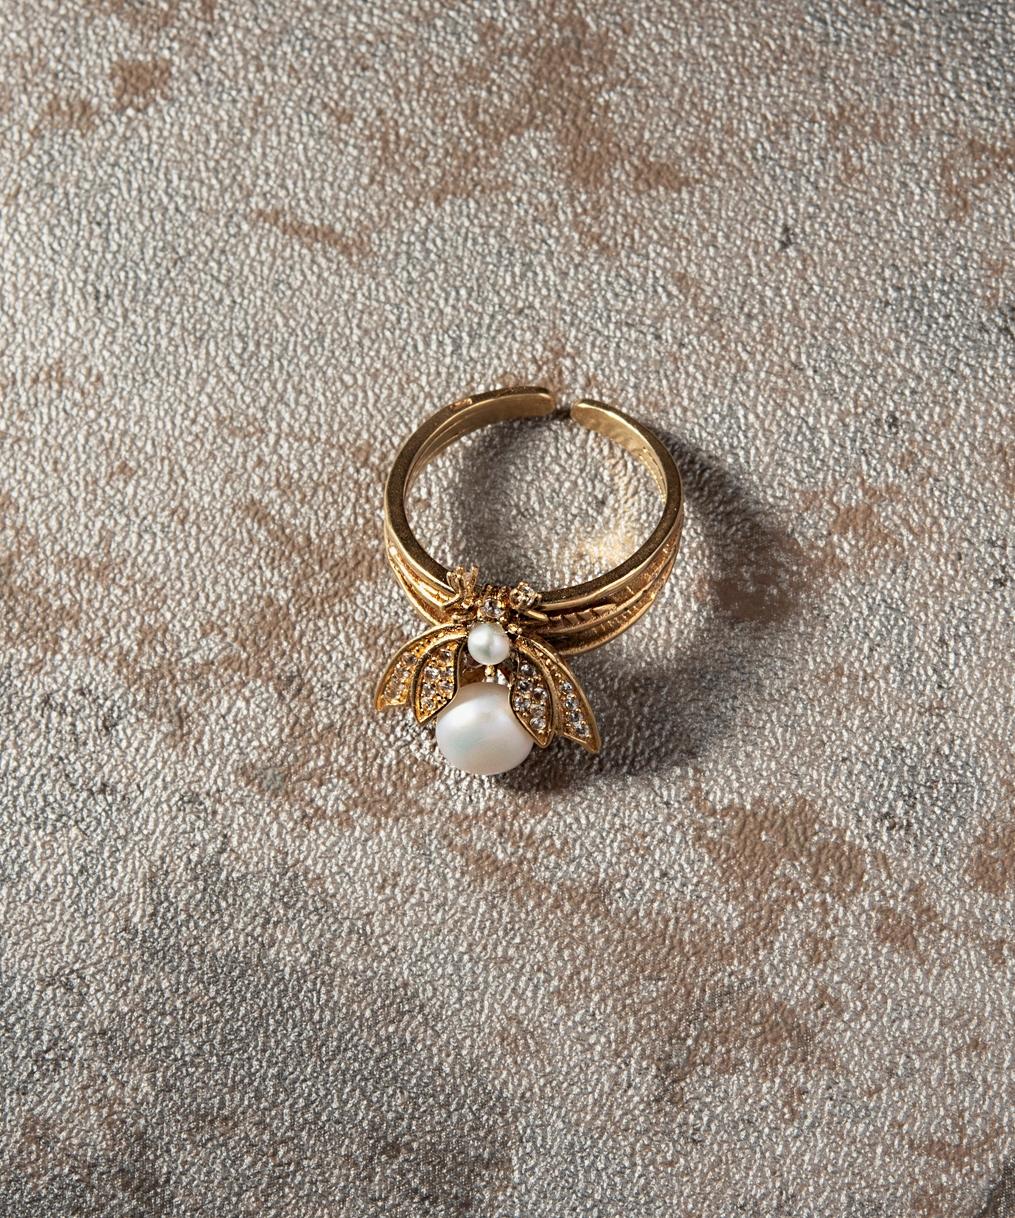 珍珠蜜蜂戒指